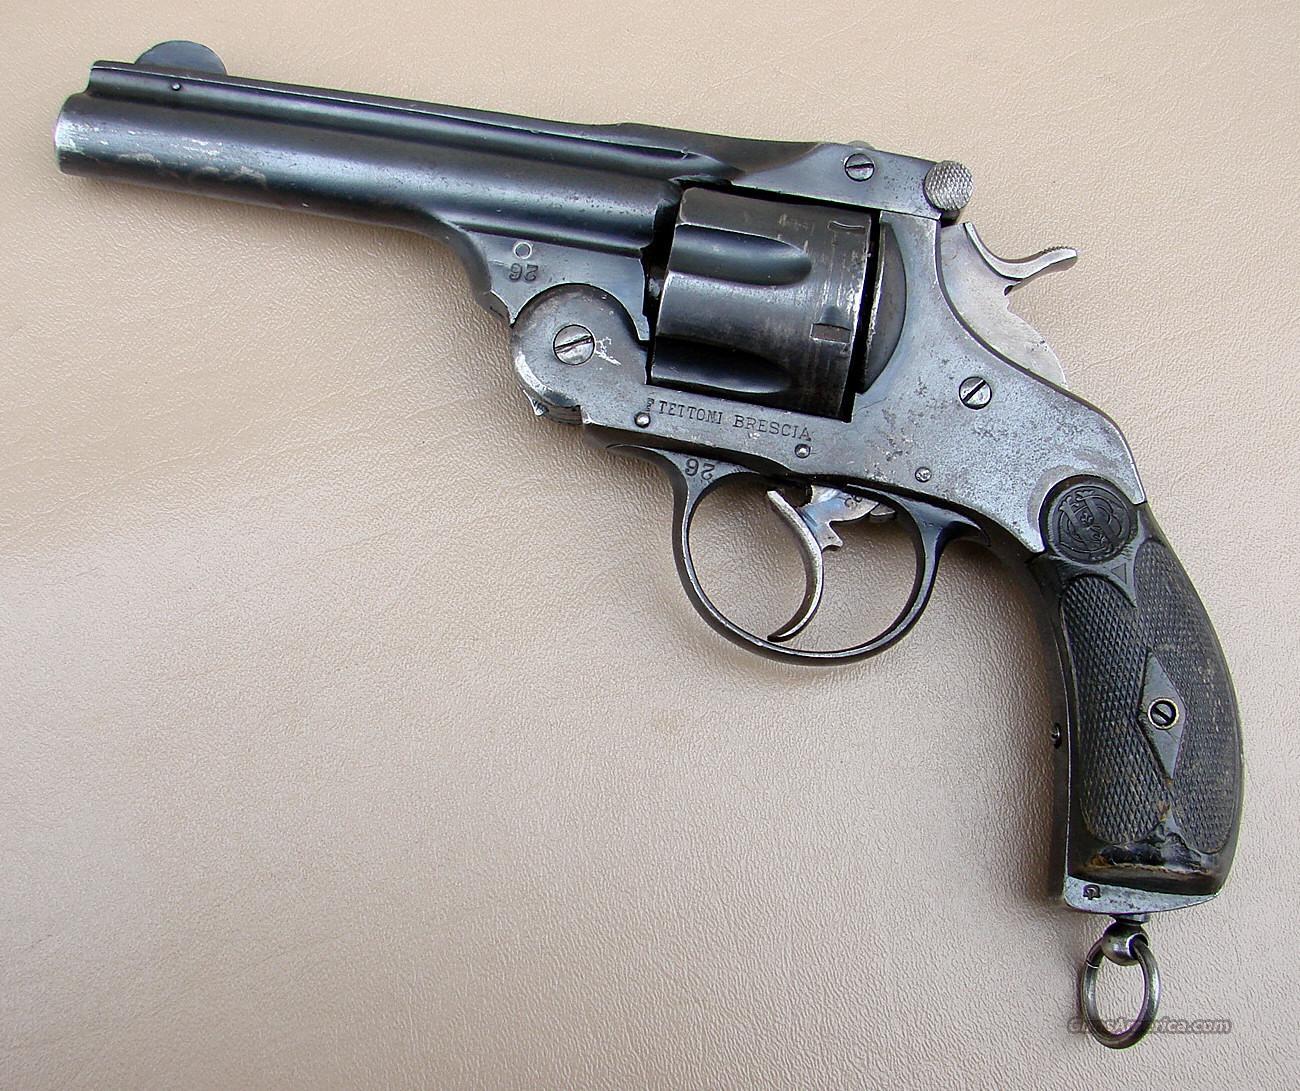 Tettoni Brescia Model 1916 Spanish Made Copy Of... for sale